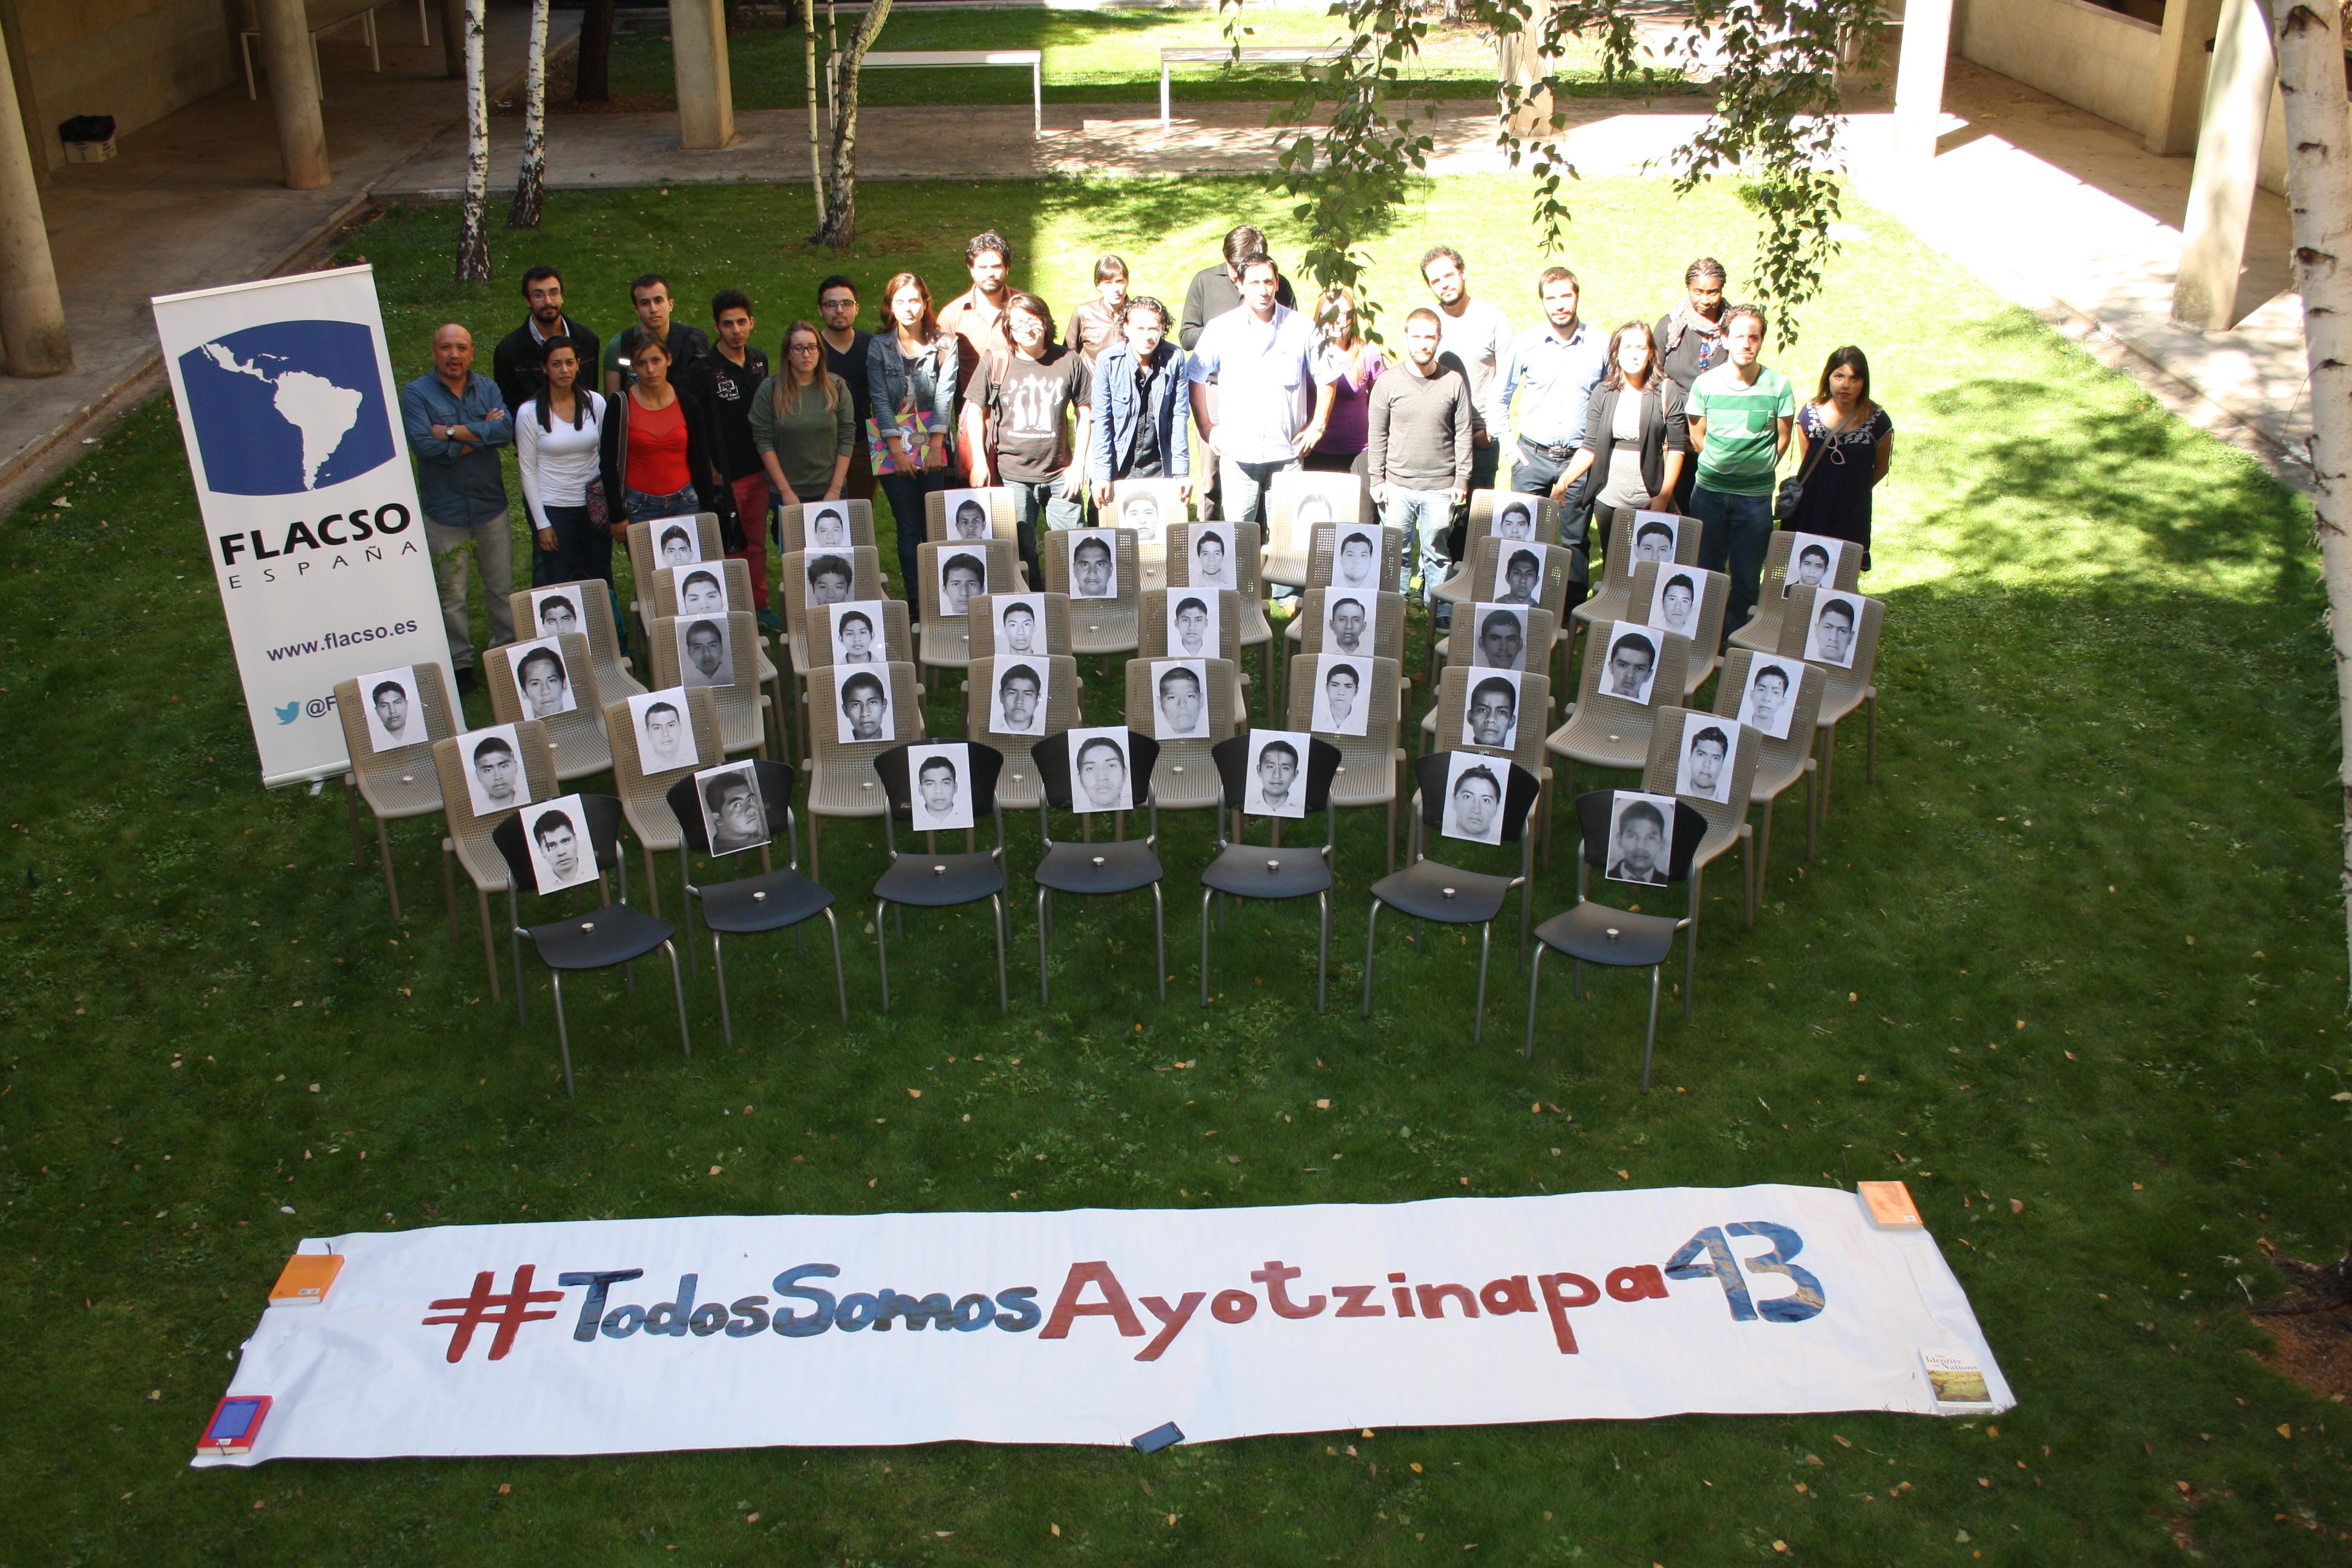 Miembros de FLACSO España recuerdan en la Facultad de Derecho a los 43 estudiantes mexicanos desaparecidos en la Escuela Normal Rural Raúl Isidro Burgos